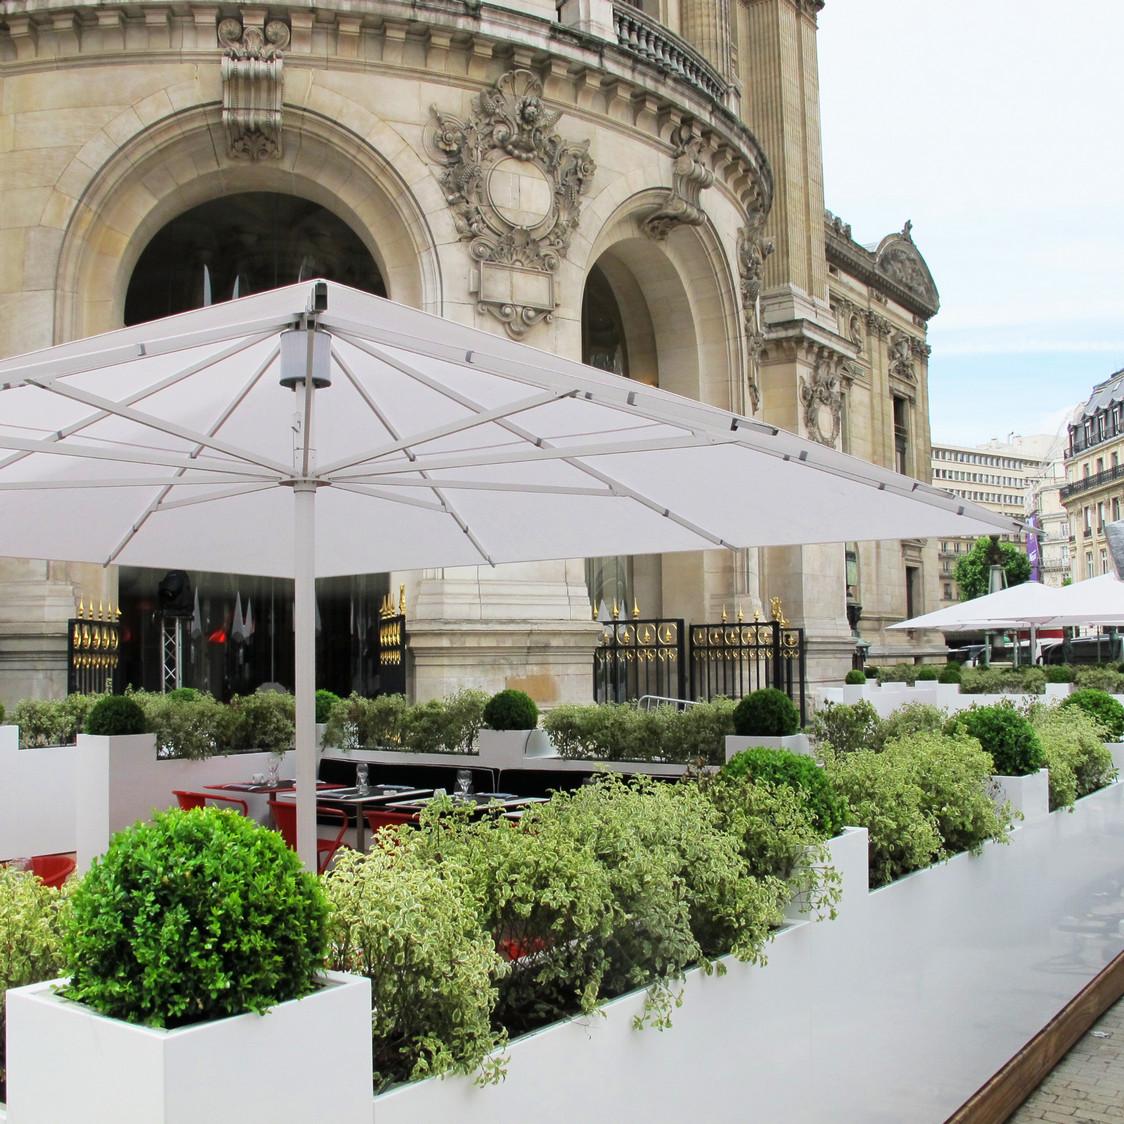 L'Opéra Restaurant - Nouvelle terrasse de L'Opéra Restaurant vue extérieure